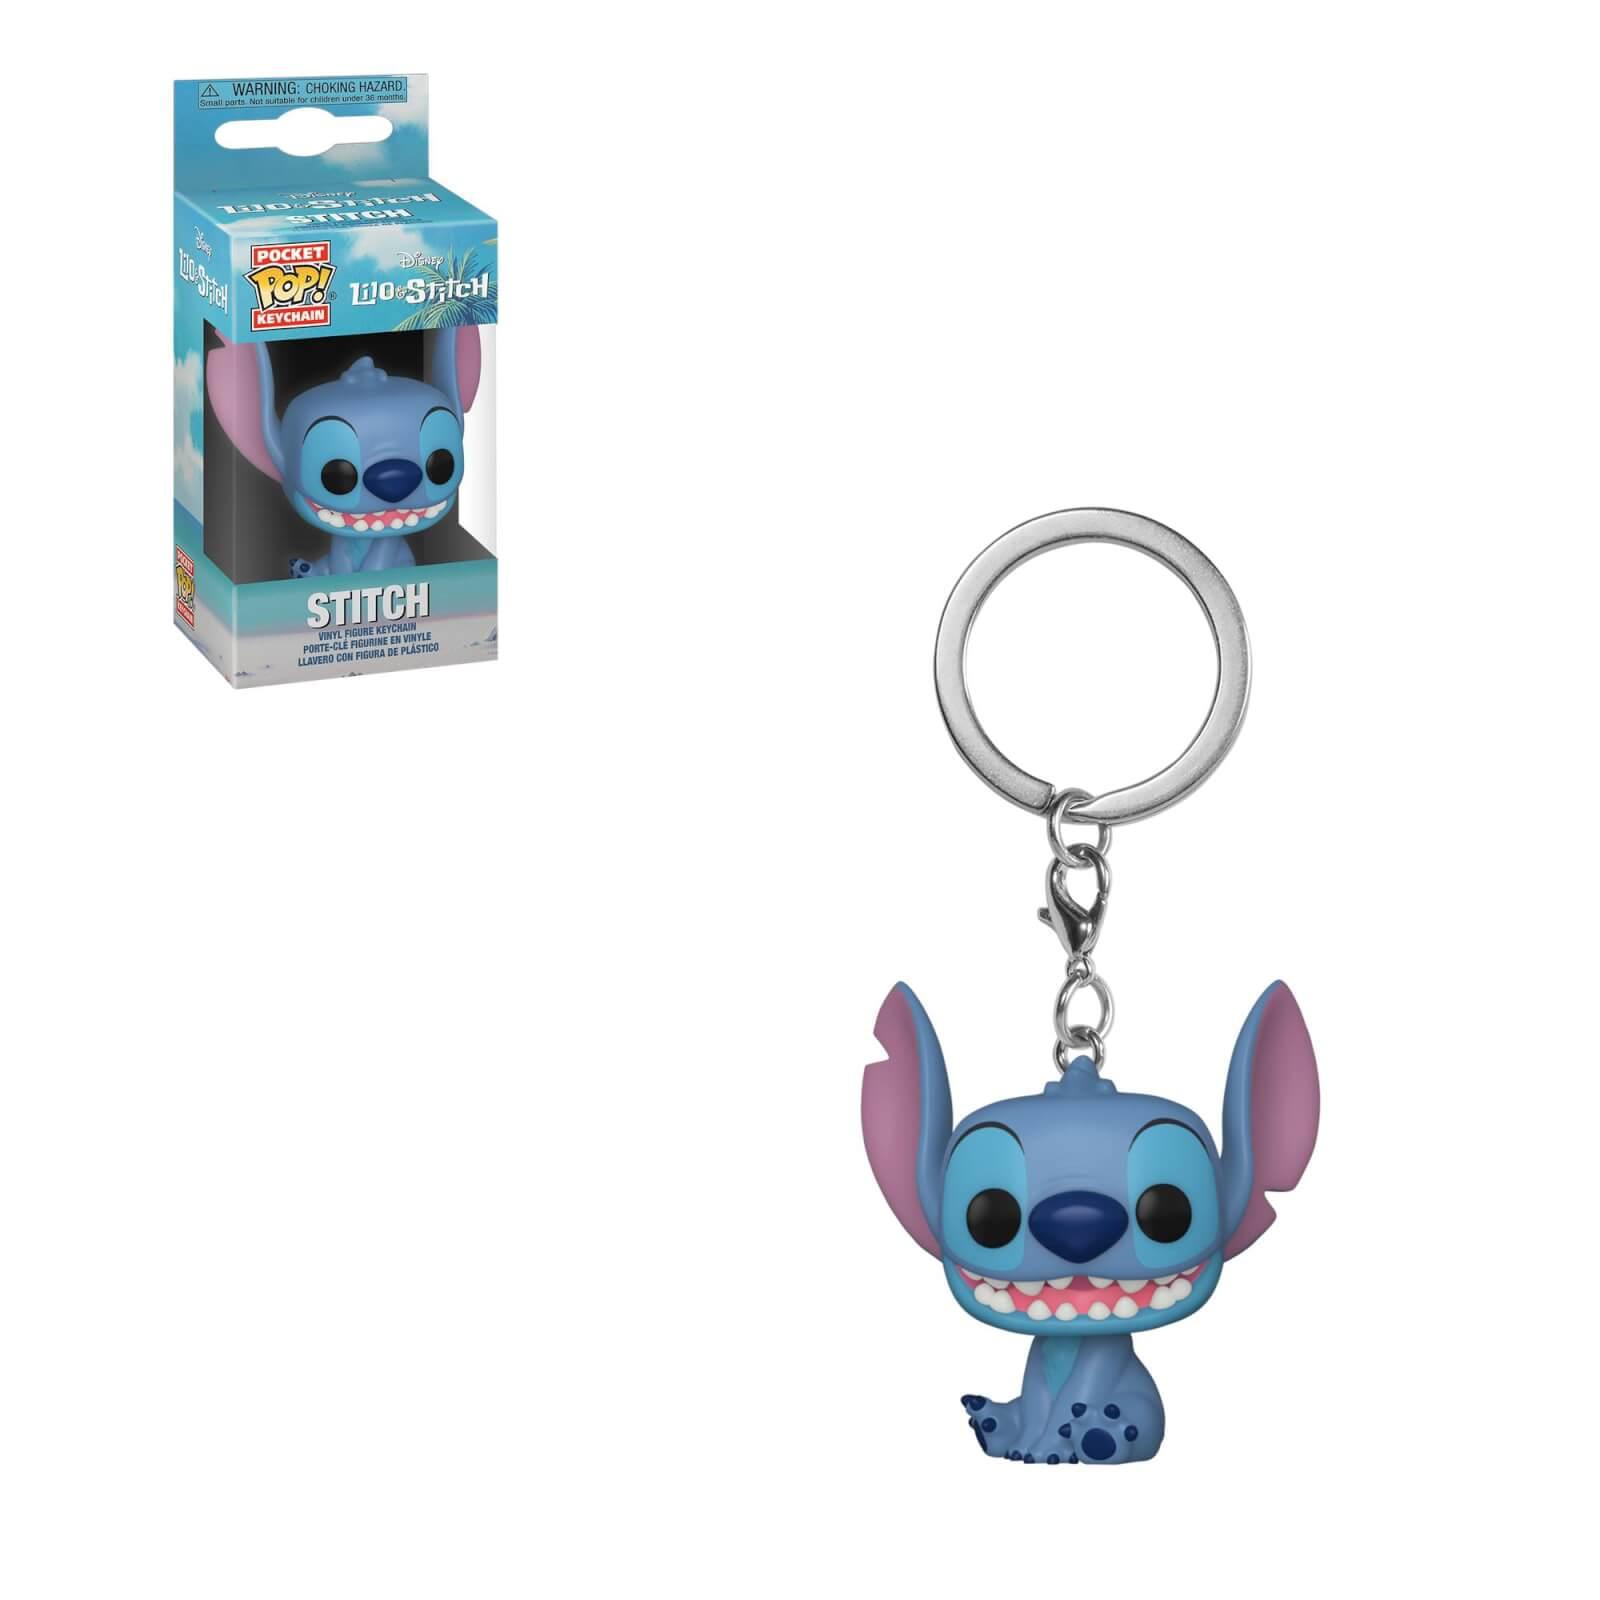 Stitch Pop! Keychain